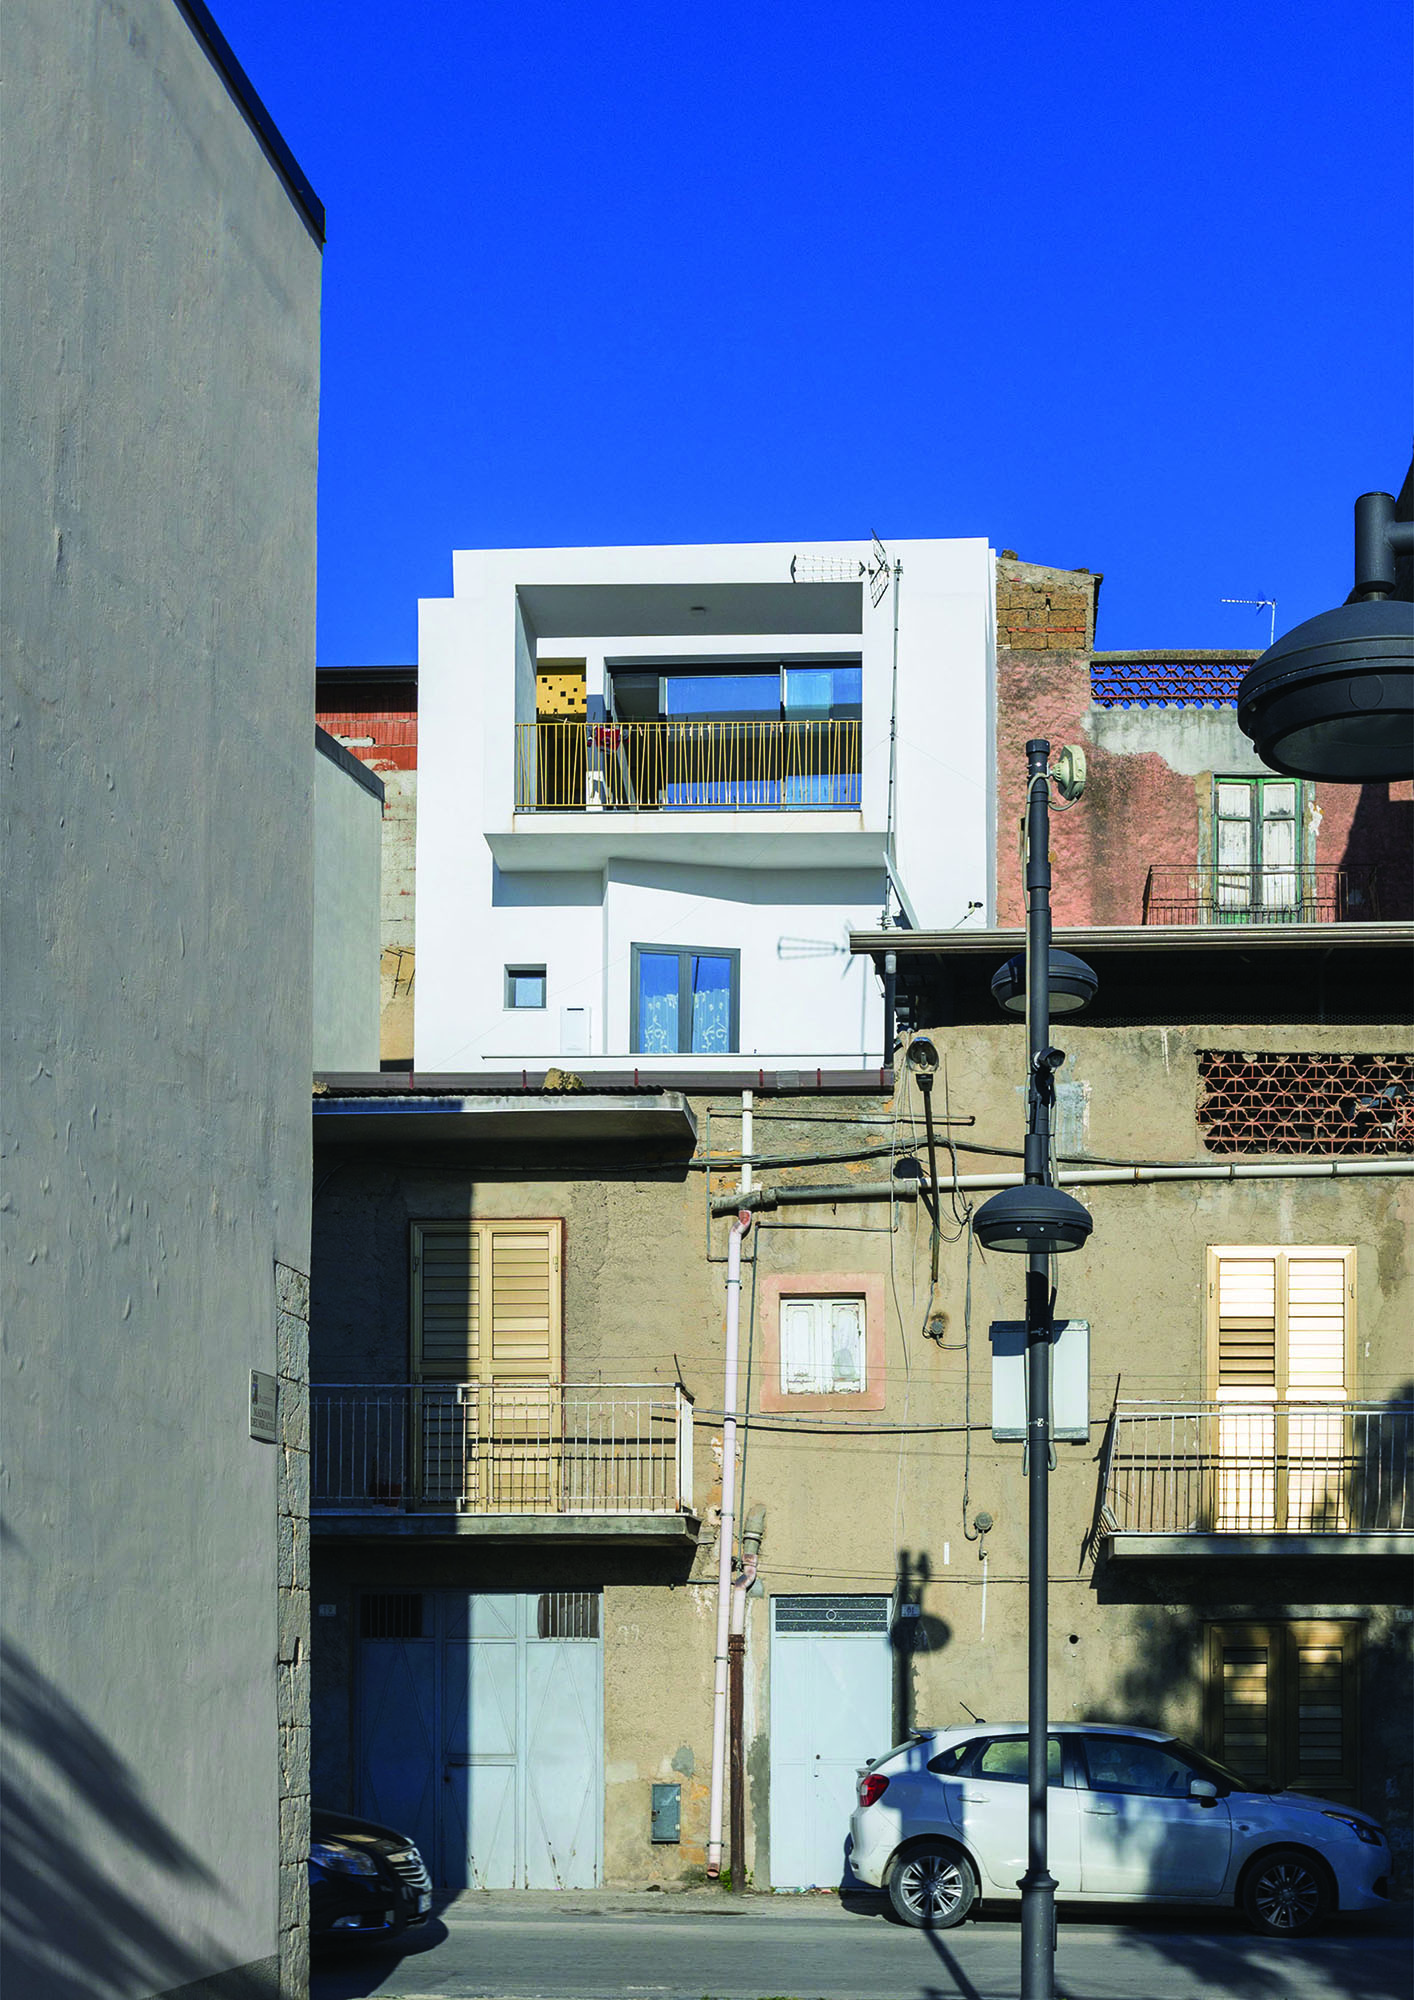 Edificio inserito nel contesto urbano, prospetto ovest – Building placed in the urban context, west elevation